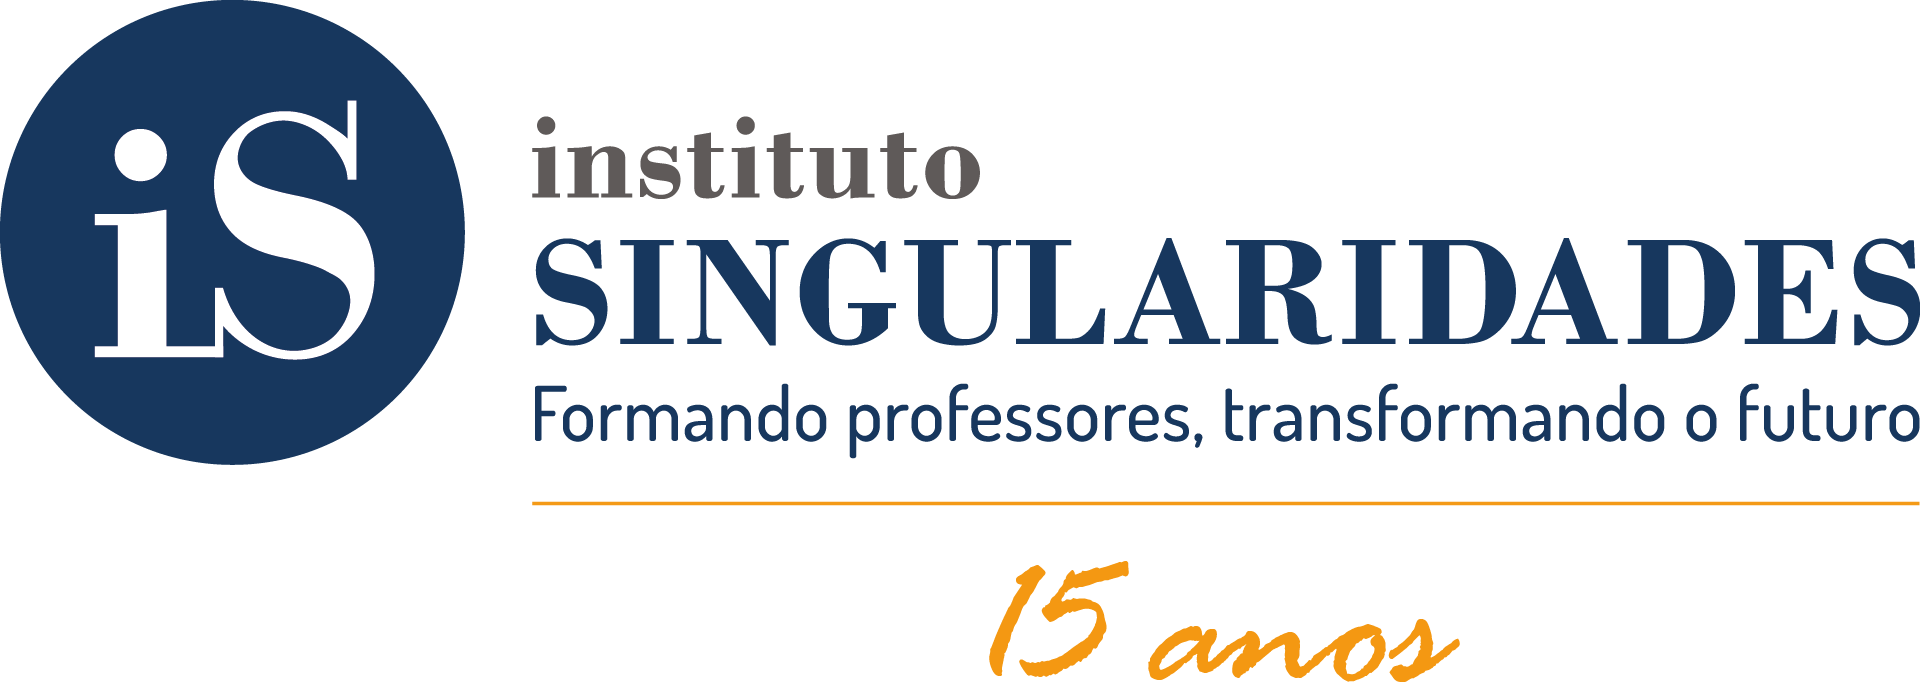 Instituto Singularidades